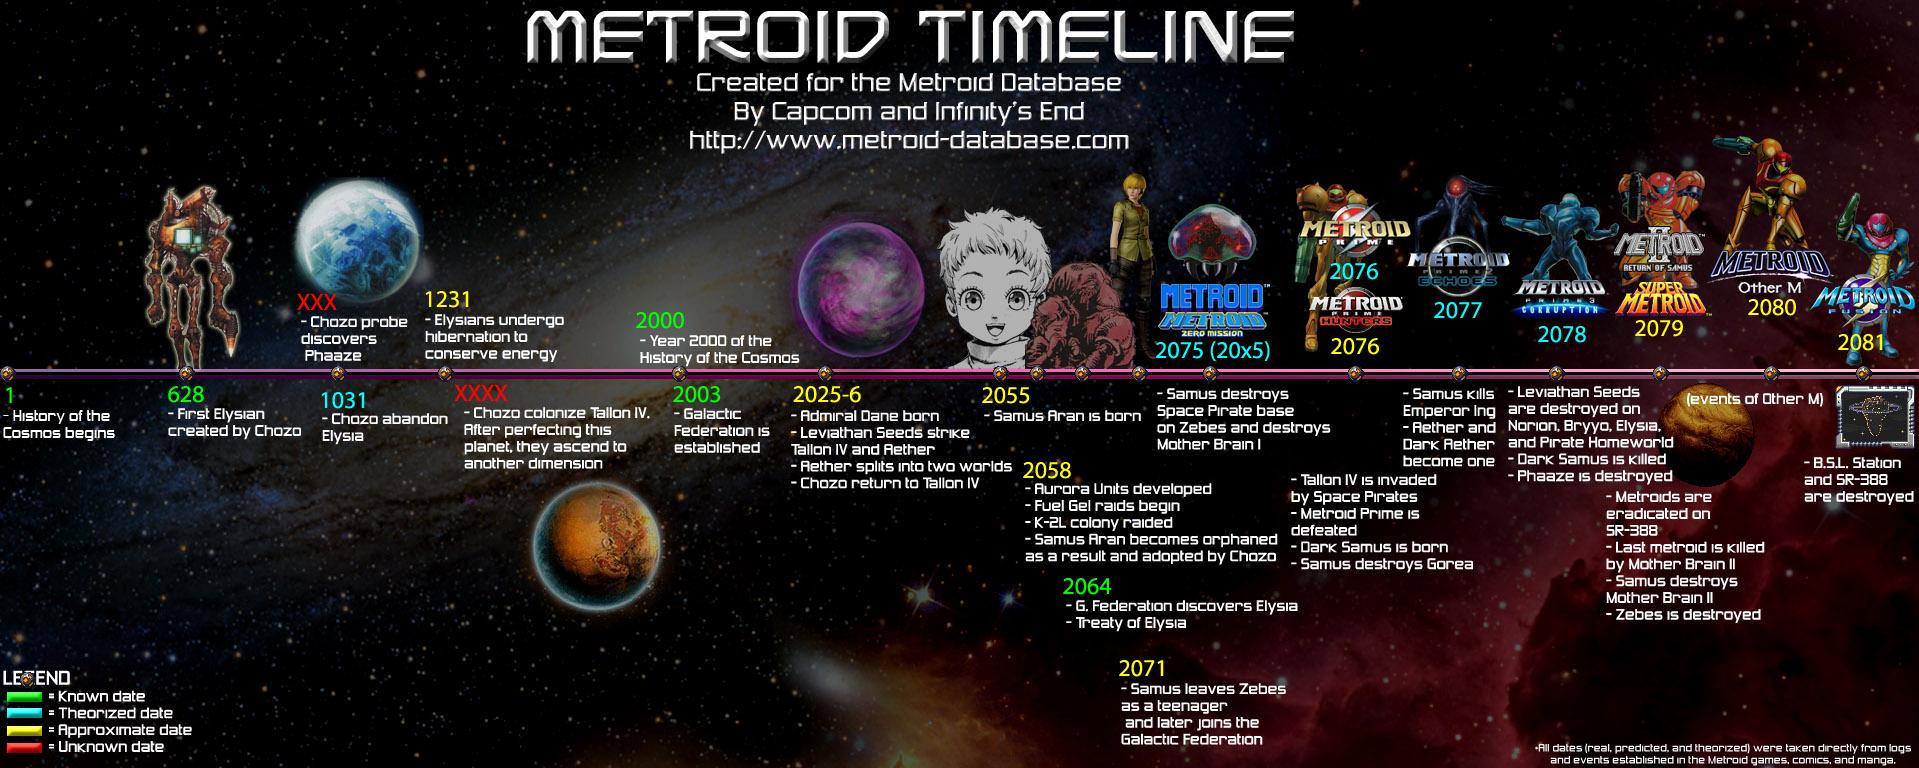 Metroid Series Timeline Image